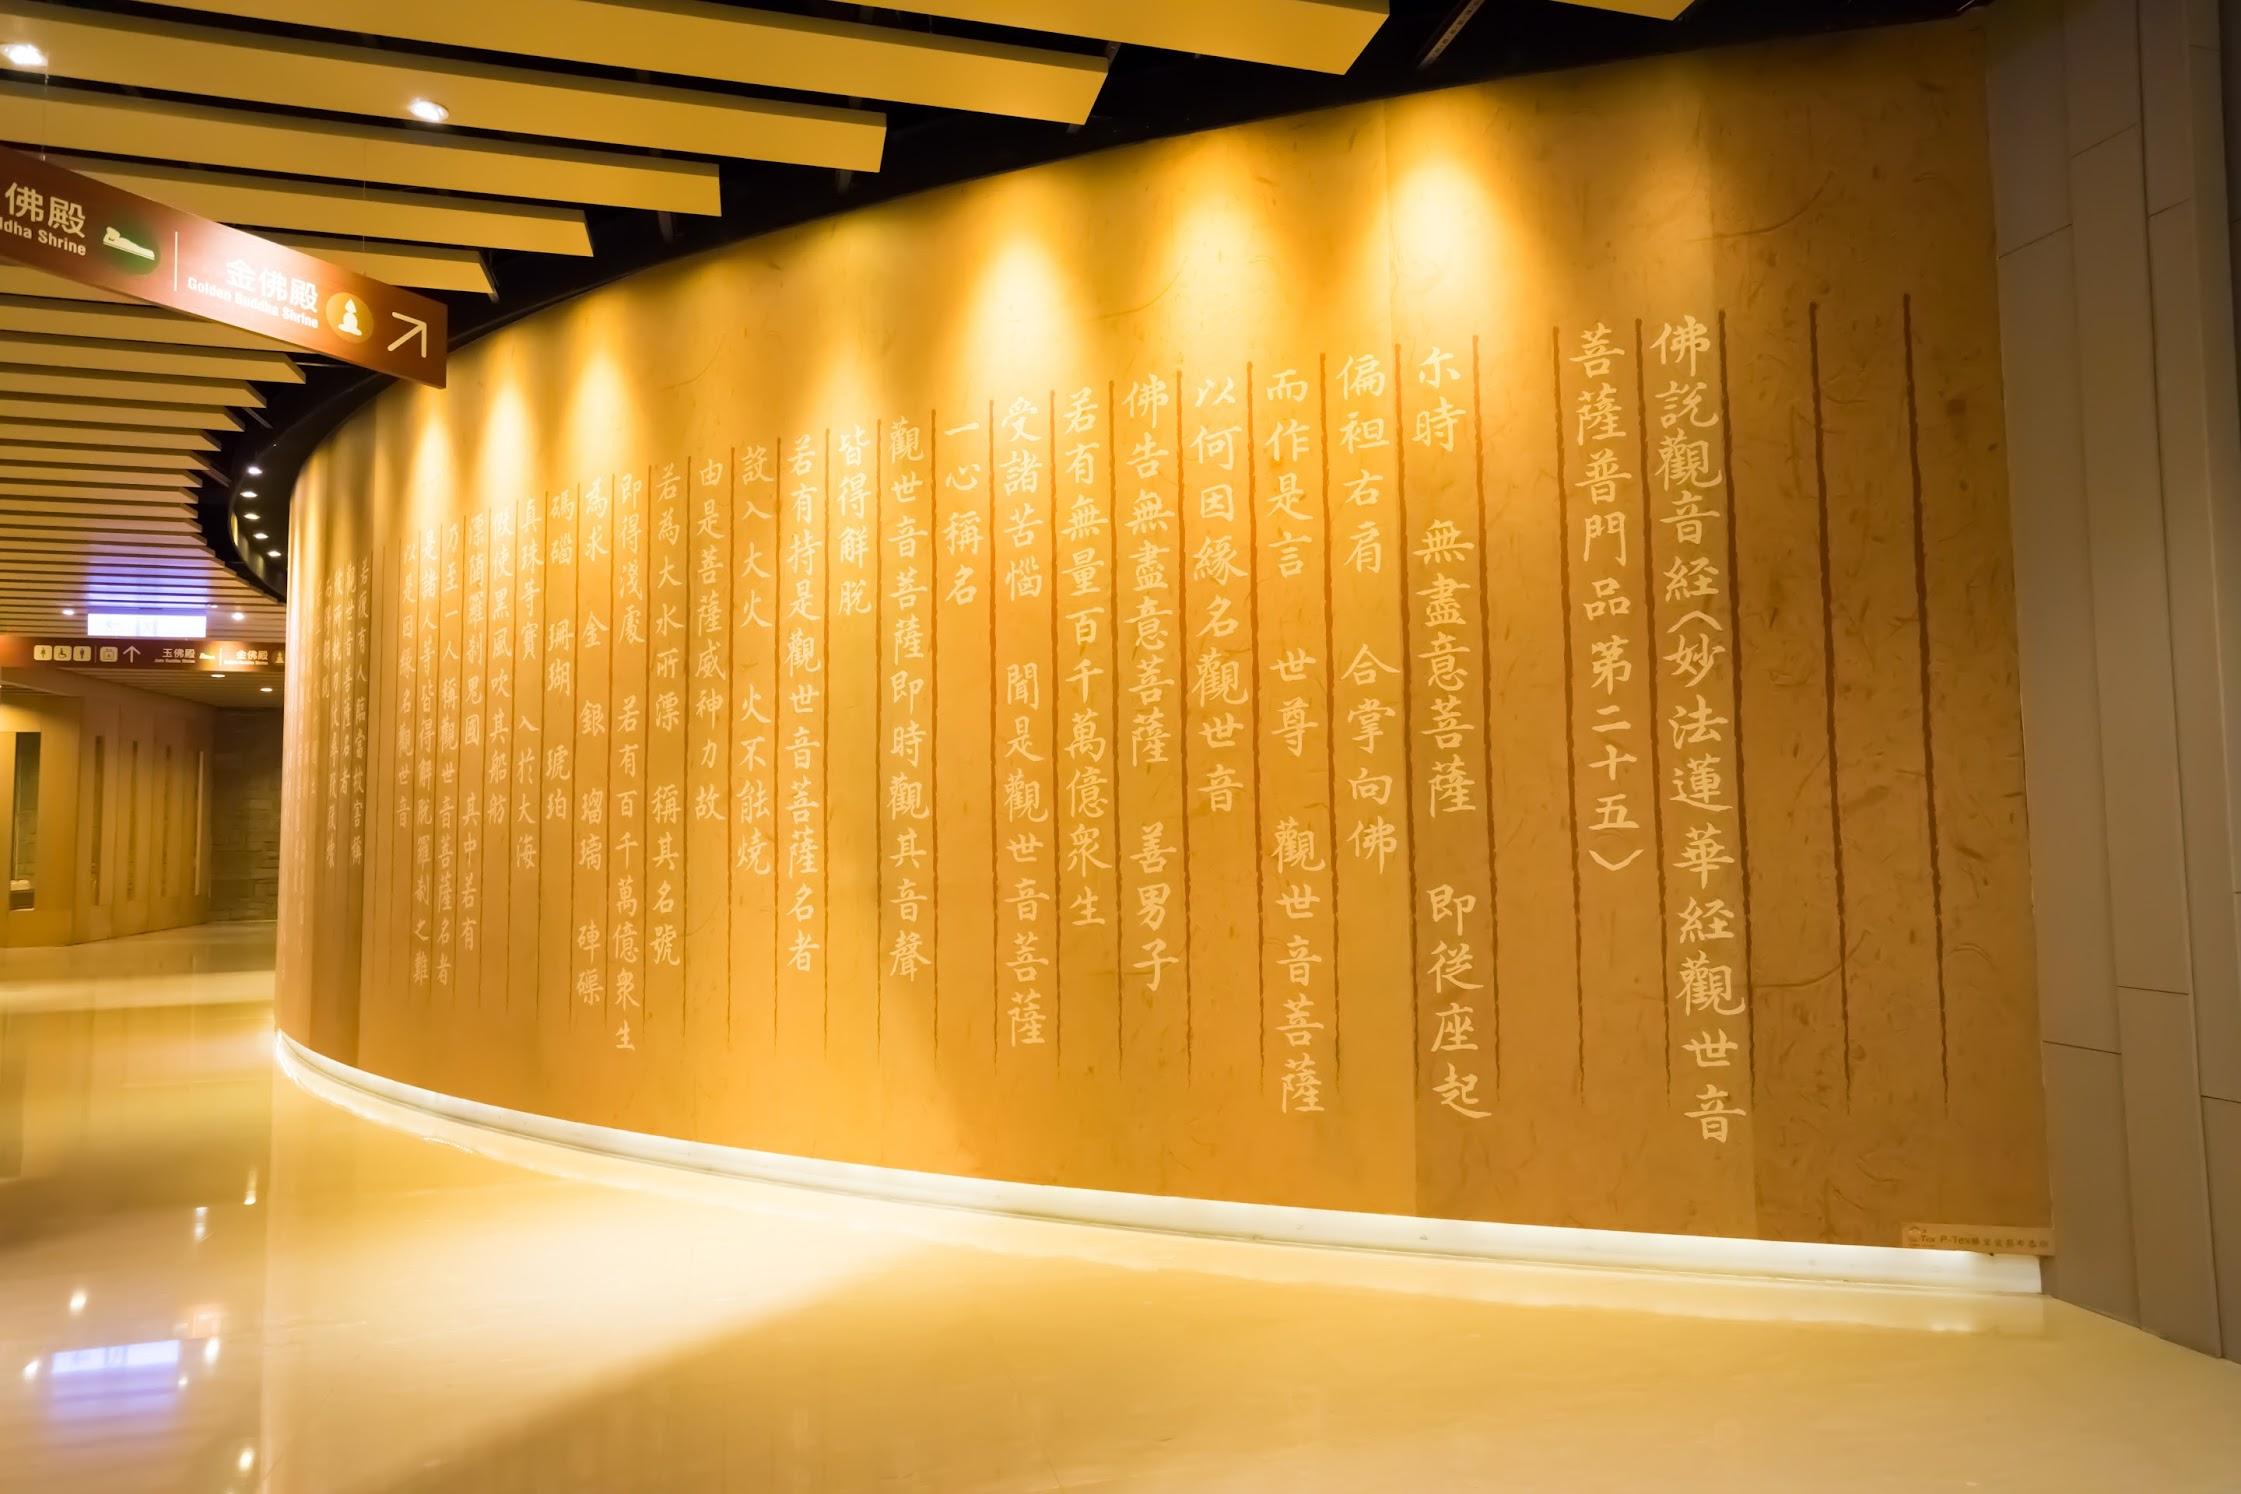 台湾 高雄 佛光山佛陀紀念館 展示1